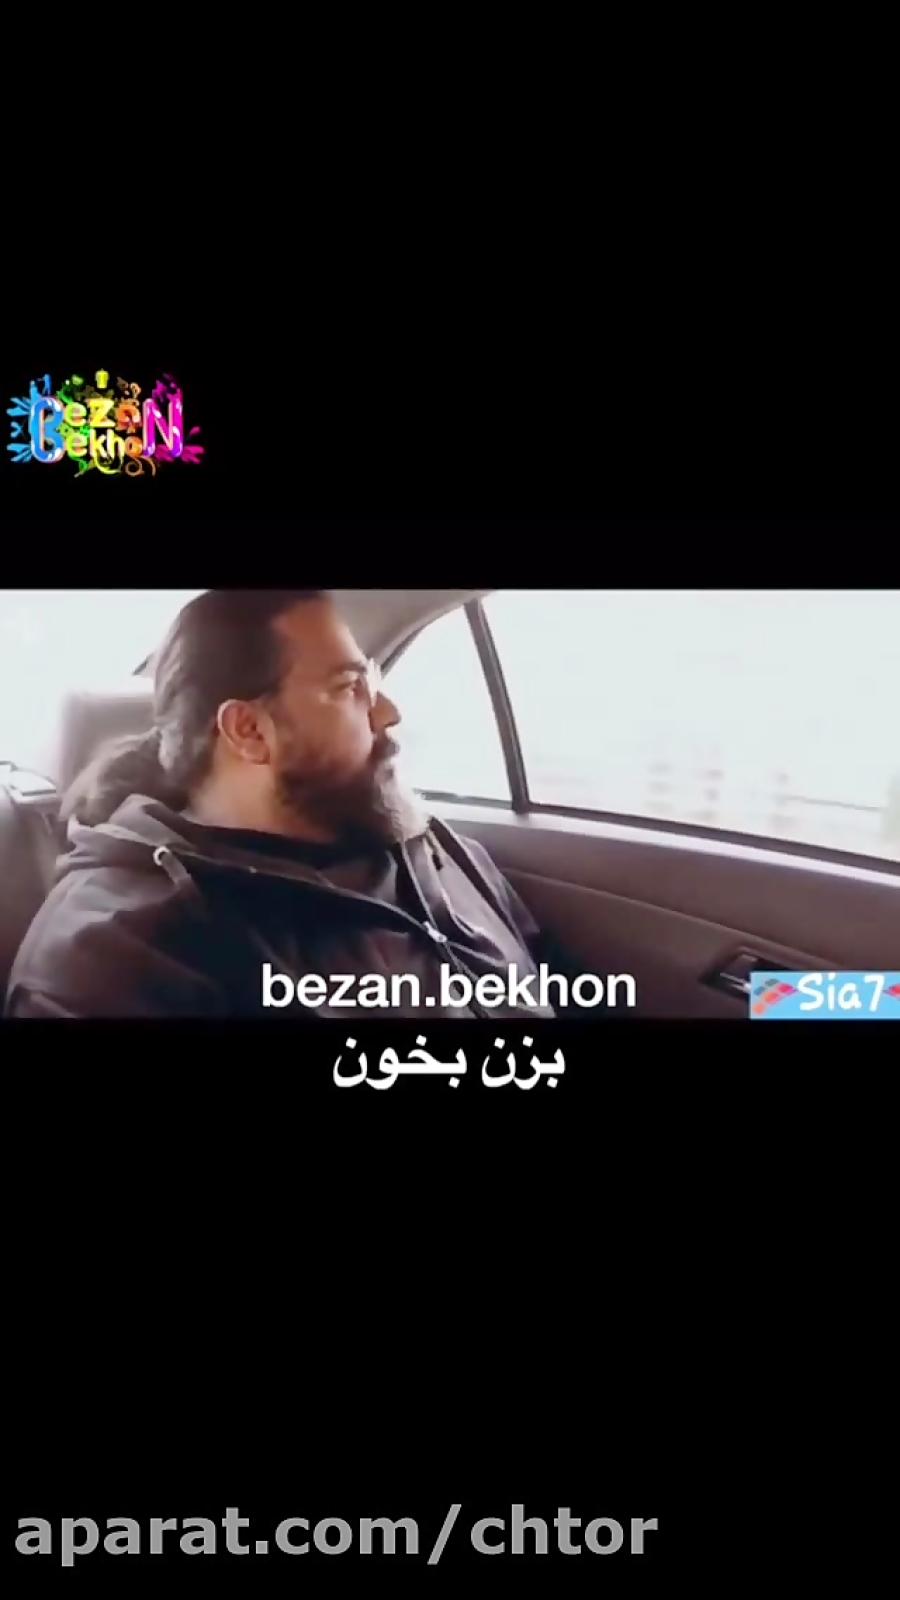 دوربین مخفی خواننده رضا صادقی